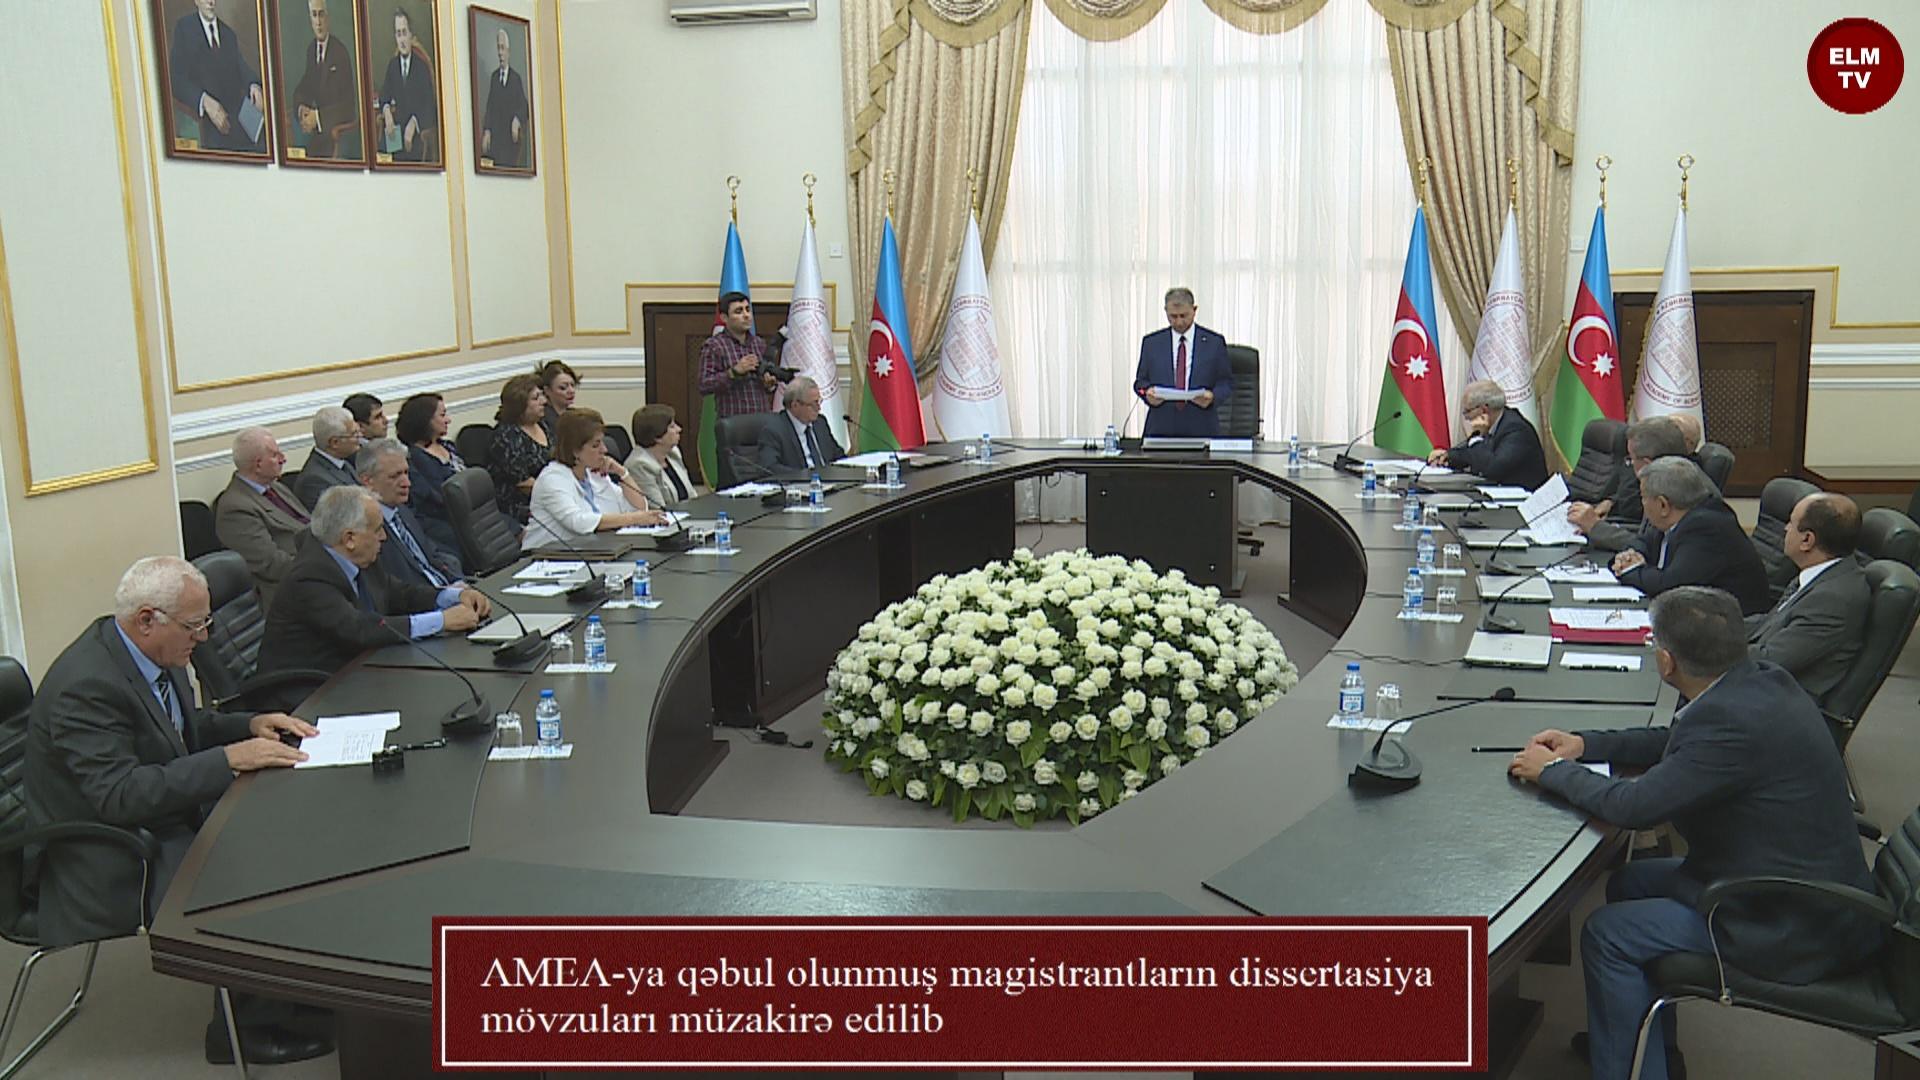 AMEA-ya qəbul olunmuş magistrantların dissertasiya mövzuları müzakirə edilib